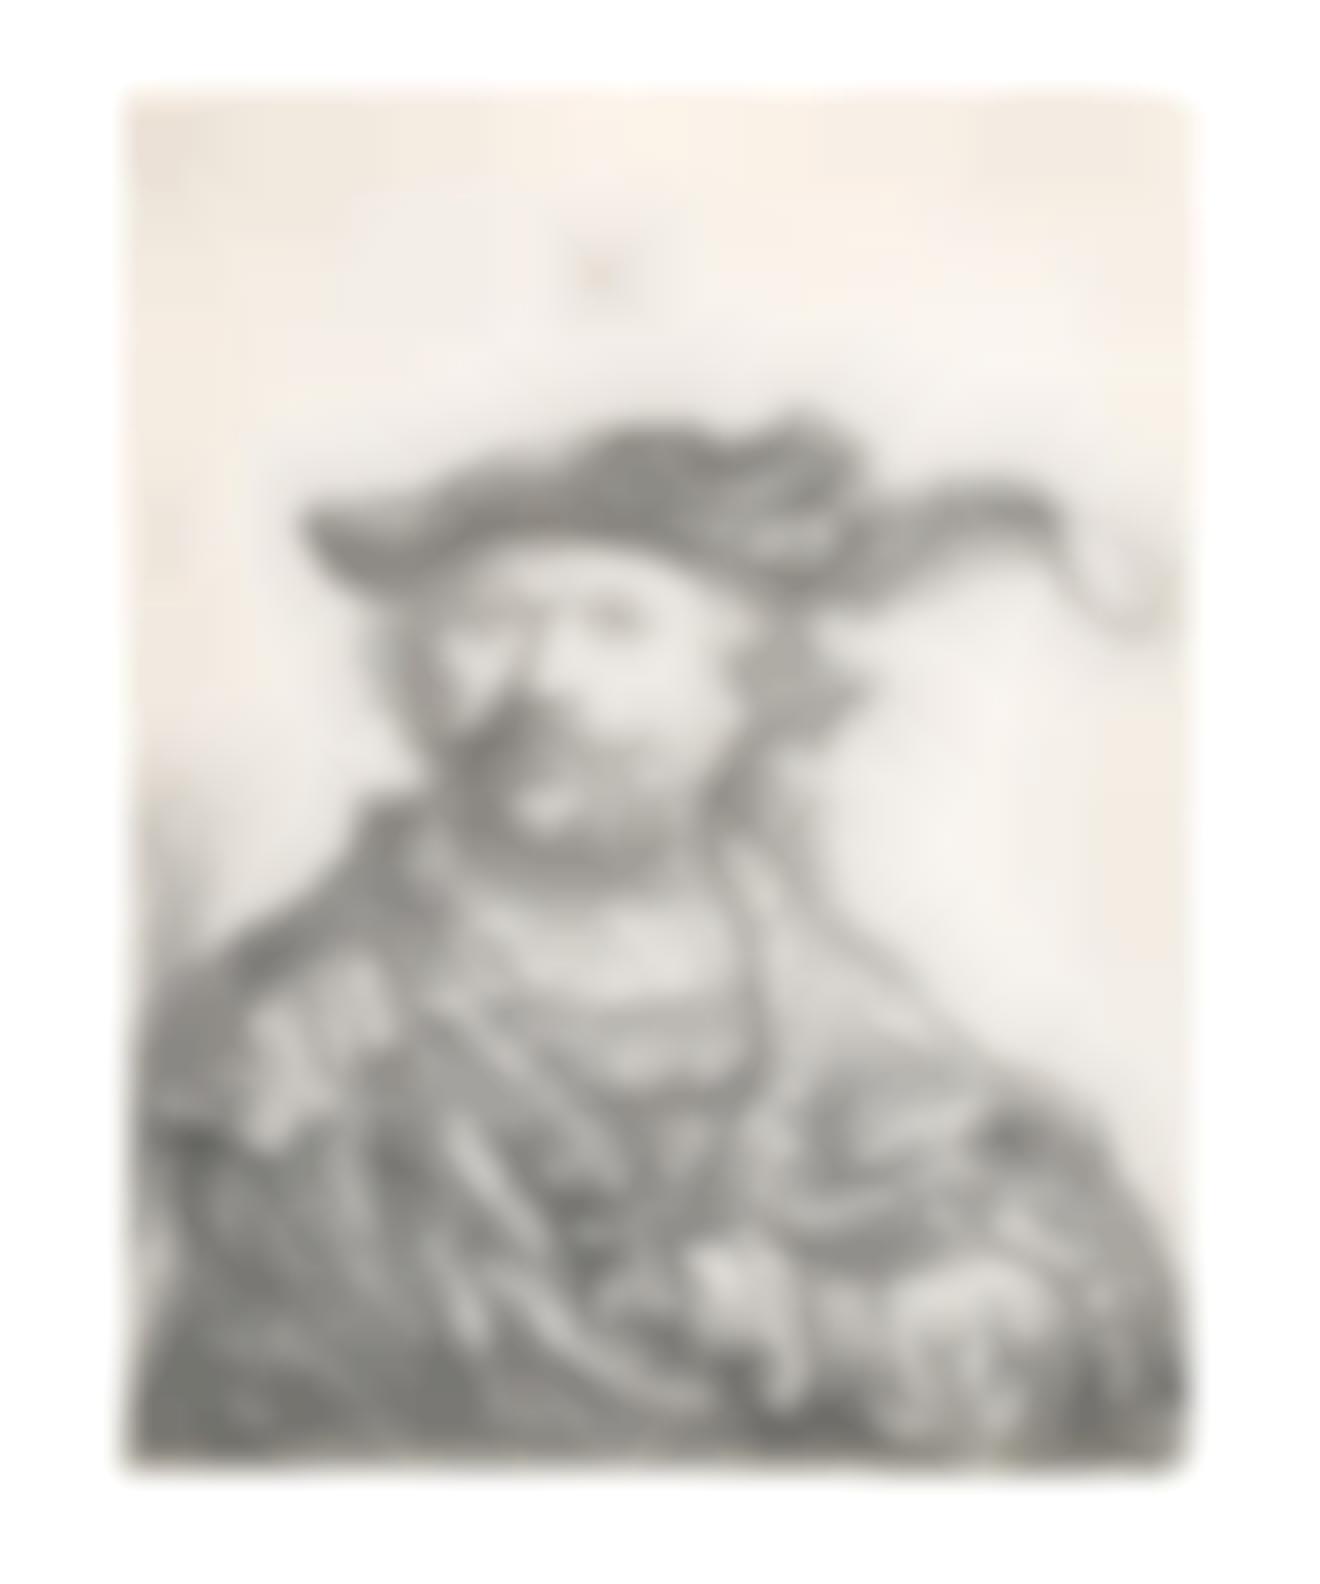 Rembrandt van Rijn-Self-Portrait In A Velvet Cap With Plume-1638